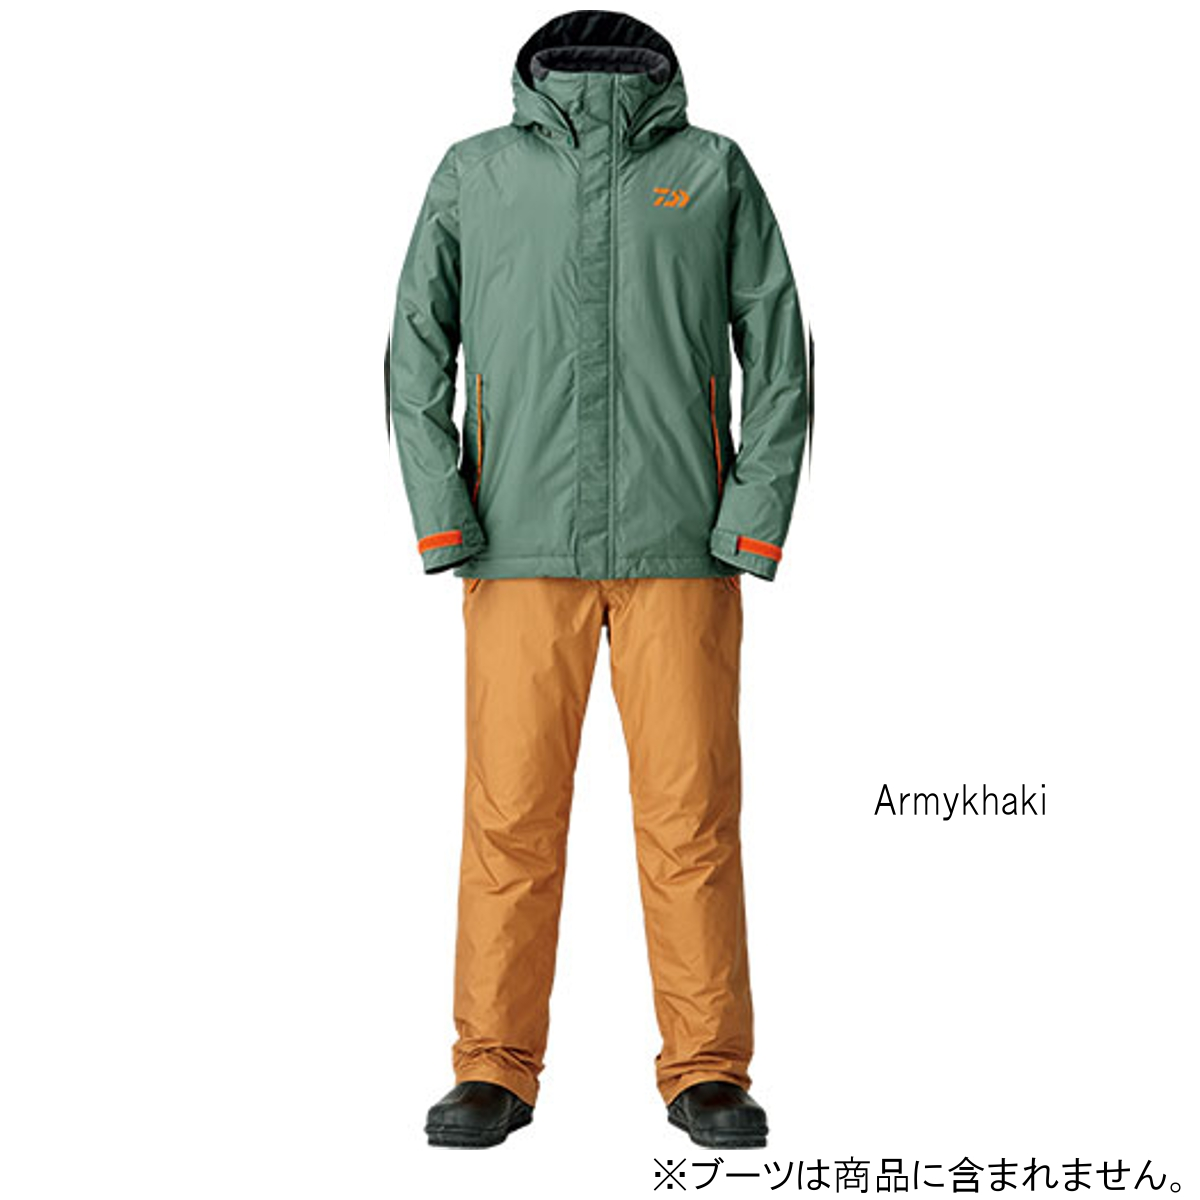 ダイワ レインマックス ウィンタースーツ DW-35008 2XL Armykhaki(東日本店)